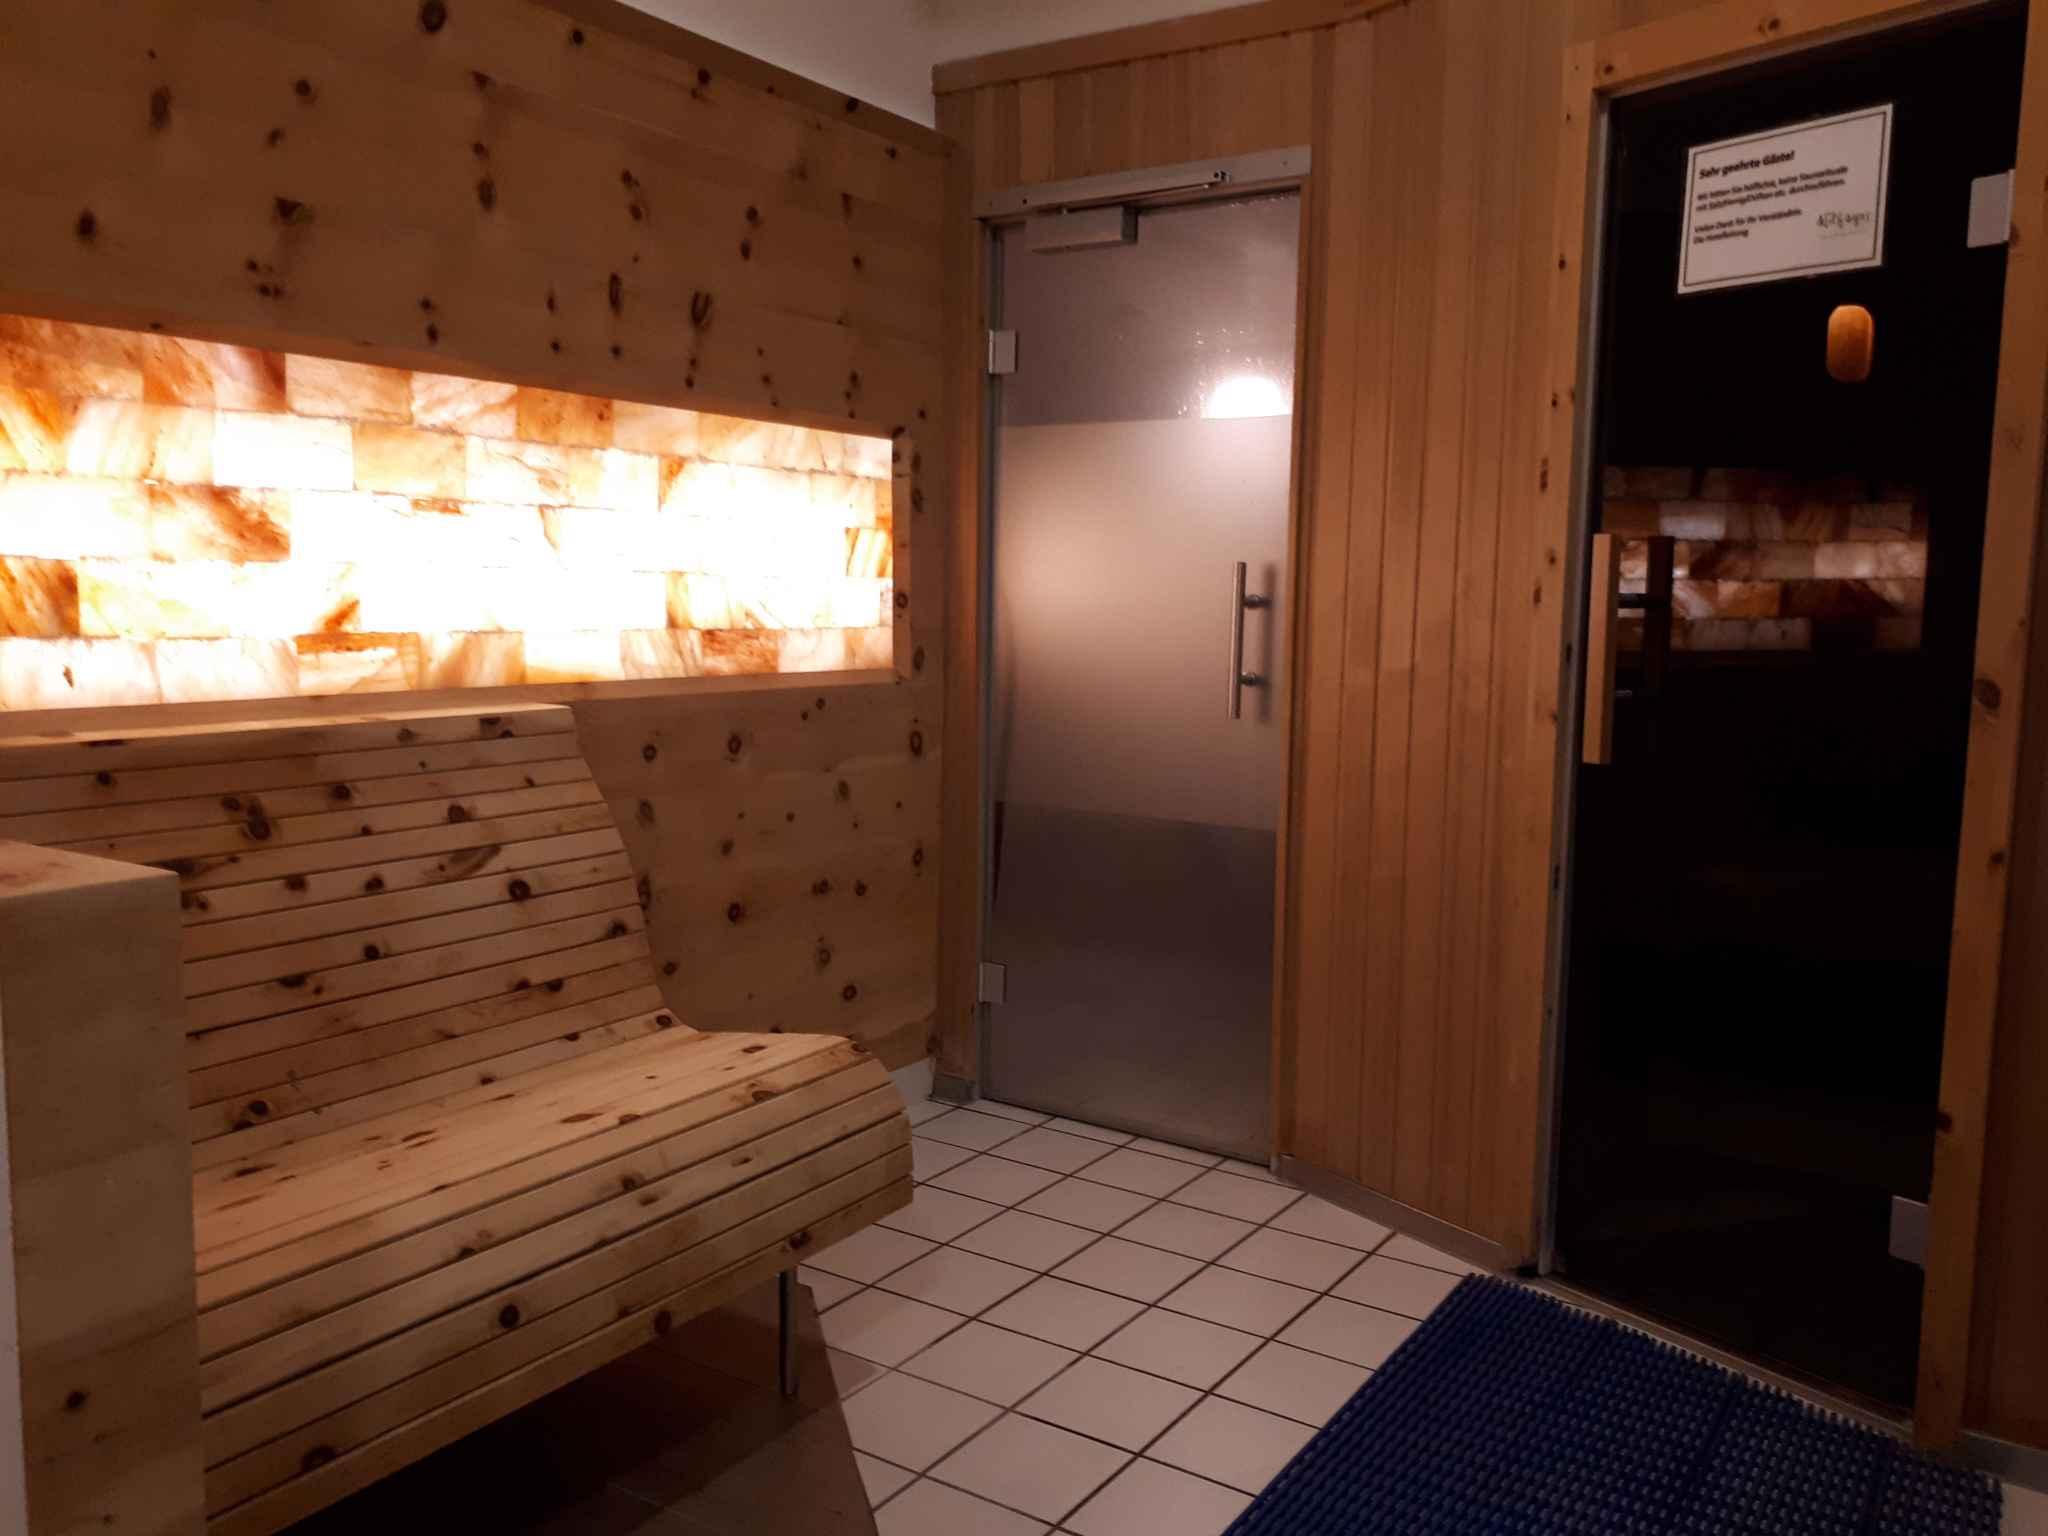 Ferienhaus im Thermal-Biodorf inkl. Wellness (430208), Bad Waltersdorf, Oststeiermark, Steiermark, Österreich, Bild 40